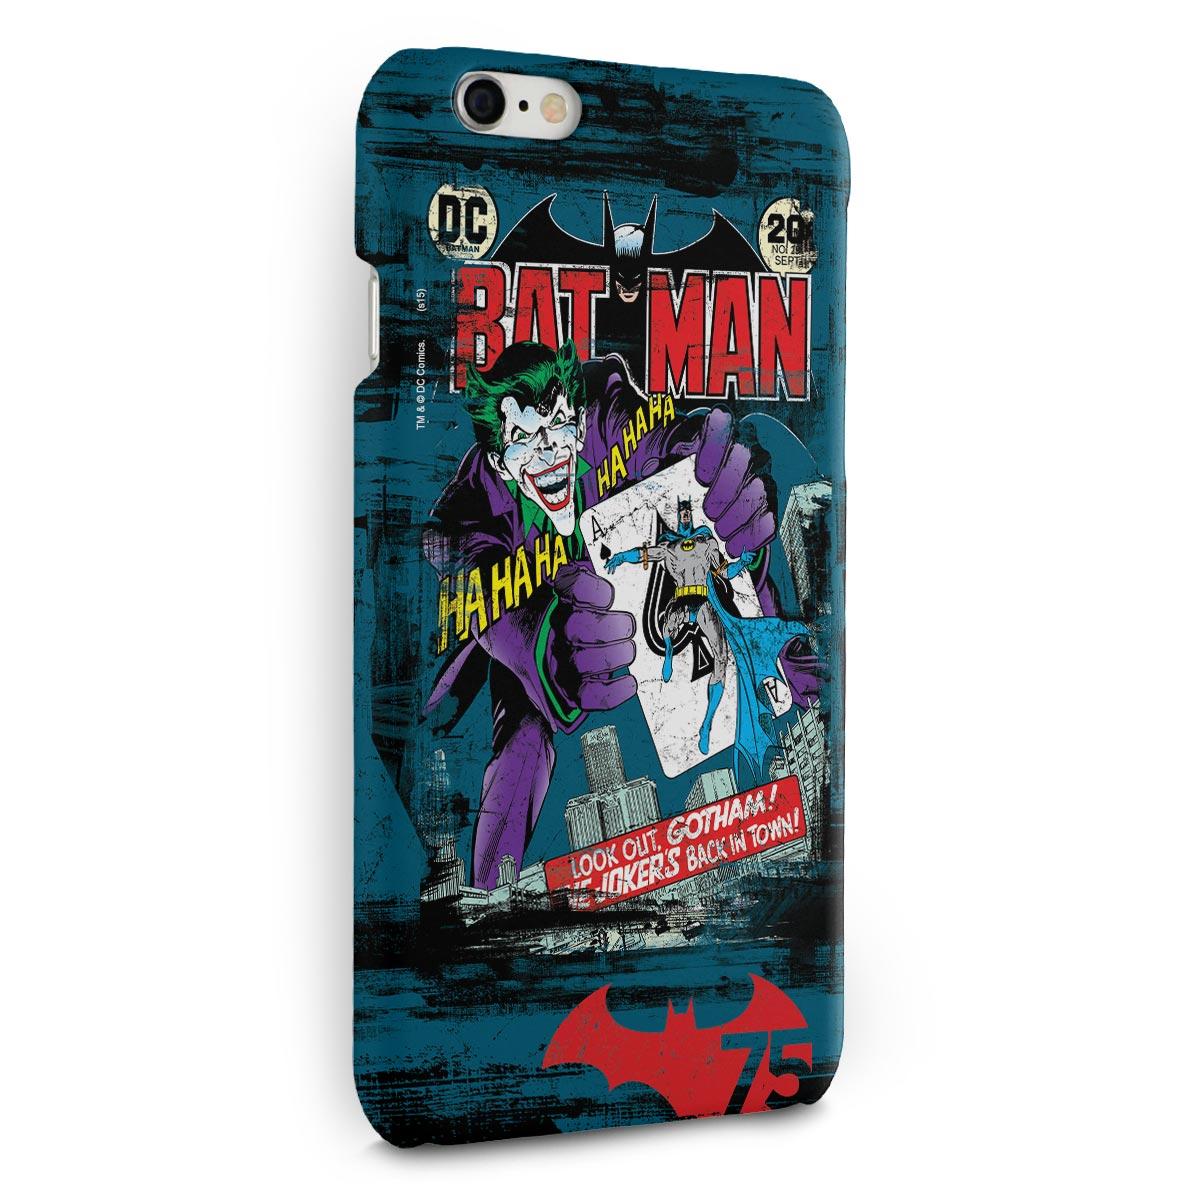 Capa para iPhone 6/6S Plus Batman 75 Anos HQ n°251